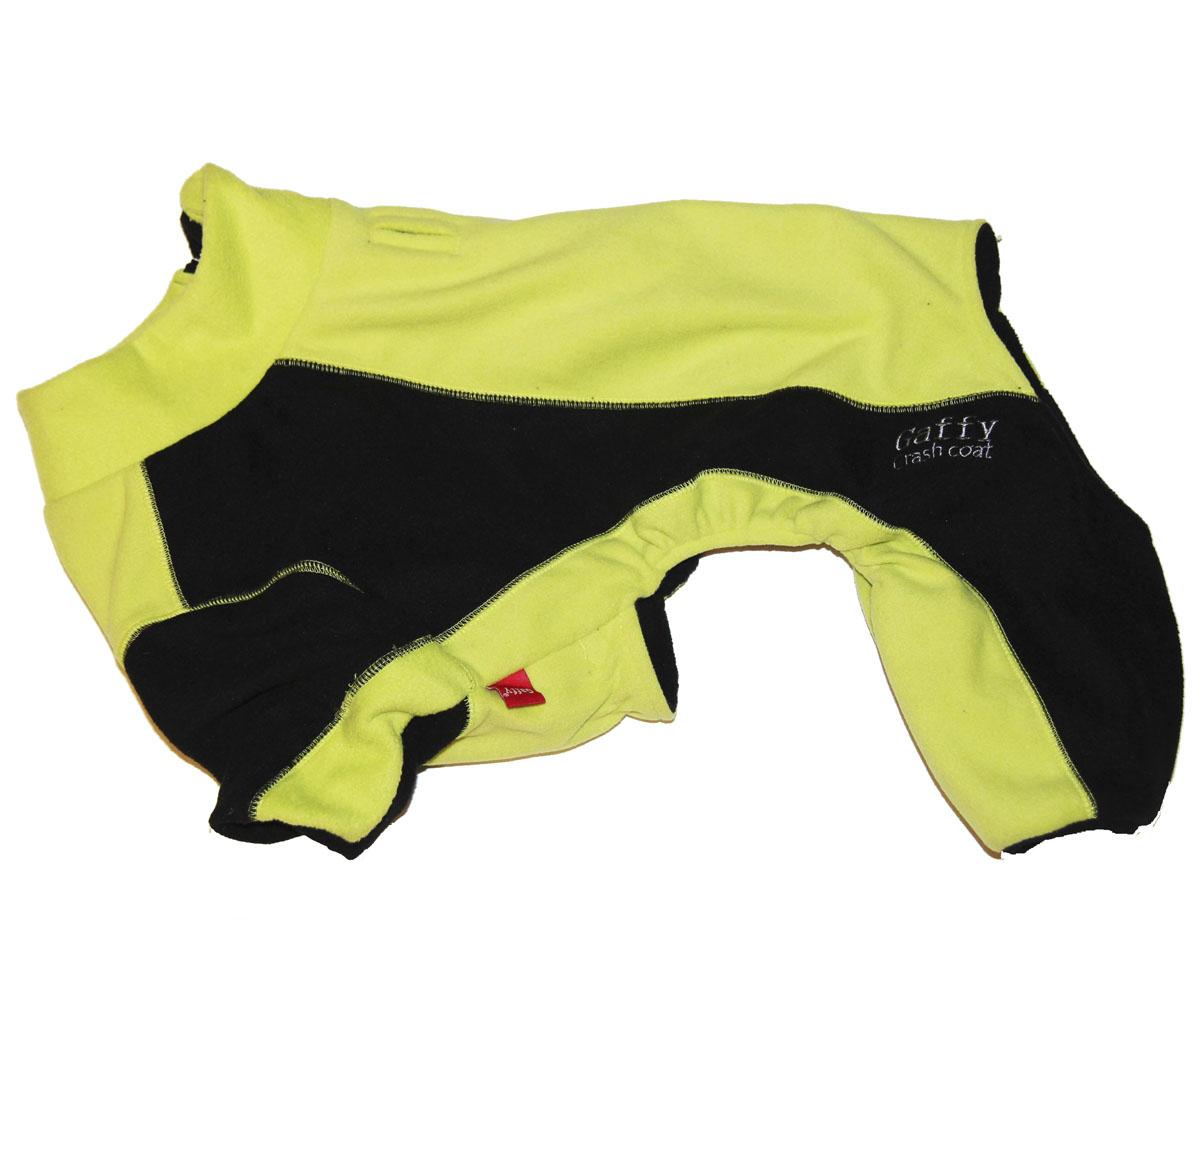 Комбинезон для собак Gaffy Pet, унисекс, цвет: салатовый, черный. Размер S11027 SФлисовый комбинезон Gaffy Pet защитит вашего питомца от холода в любую погоду. Выполнен из очень теплого флиса, поэтому теперь прогулка возможна при любой температуре. На животе есть специальные резинки для лучшей посадки. Комбинезон легко надевается и застегивается на молнию на спине. Молния также закрыта планкой из флиса.Комбинезон незаменим при активных прогулках и походах. Яркая расцветка подойдет всем собакам.Обхват шеи: 32 см.Обхват груди: 50 см.Длина спины: 32 см.Одежда для собак: нужна ли она и как её выбрать. Статья OZON Гид